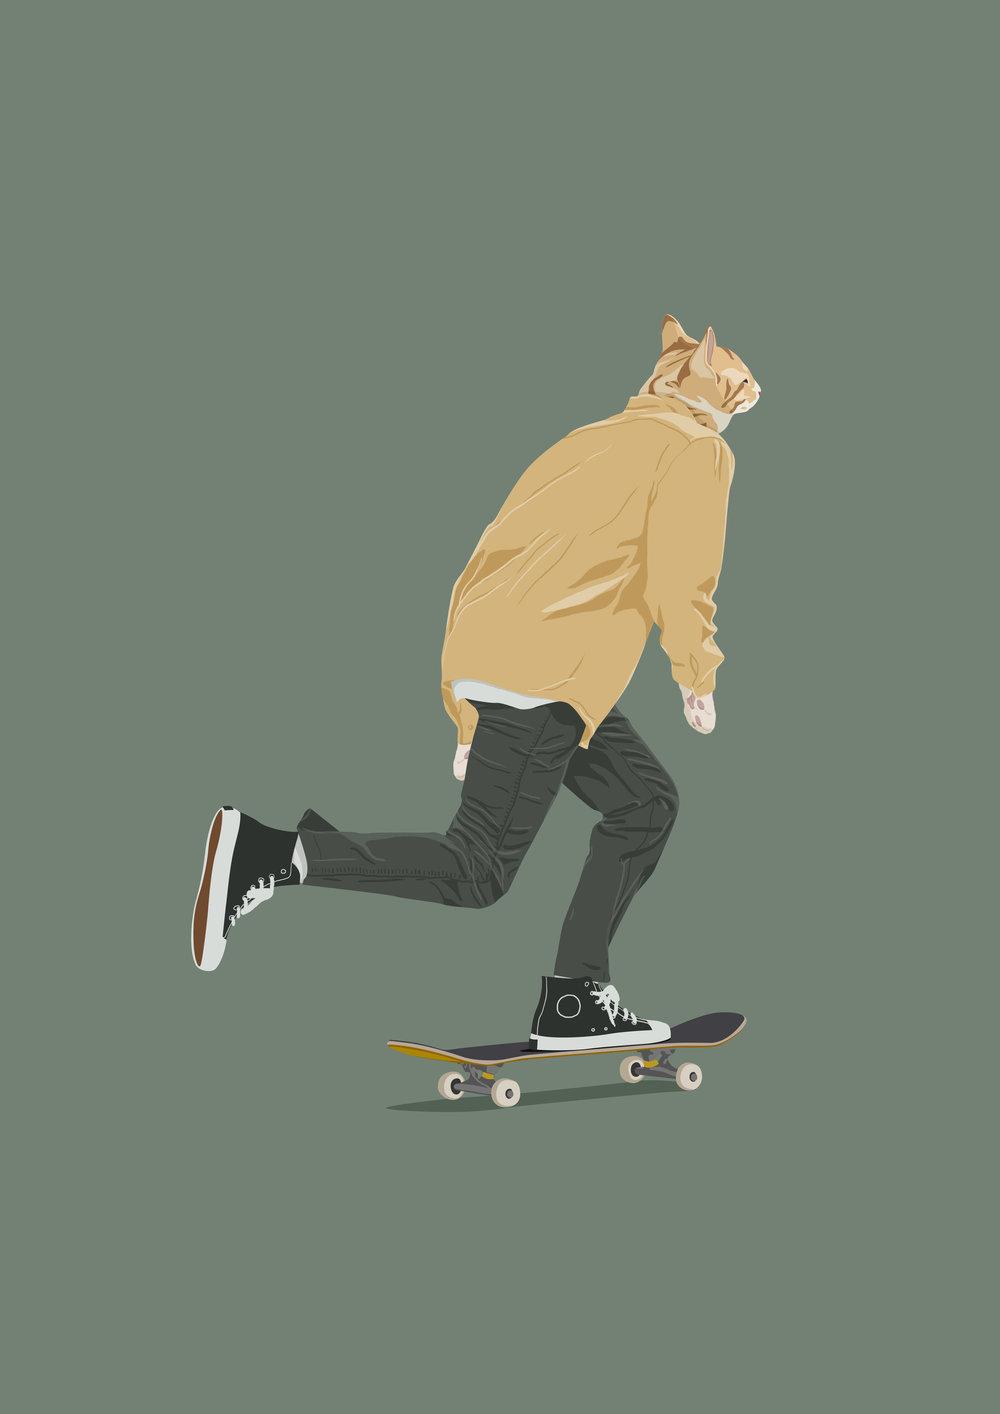 Ollie+rollin'.jpg